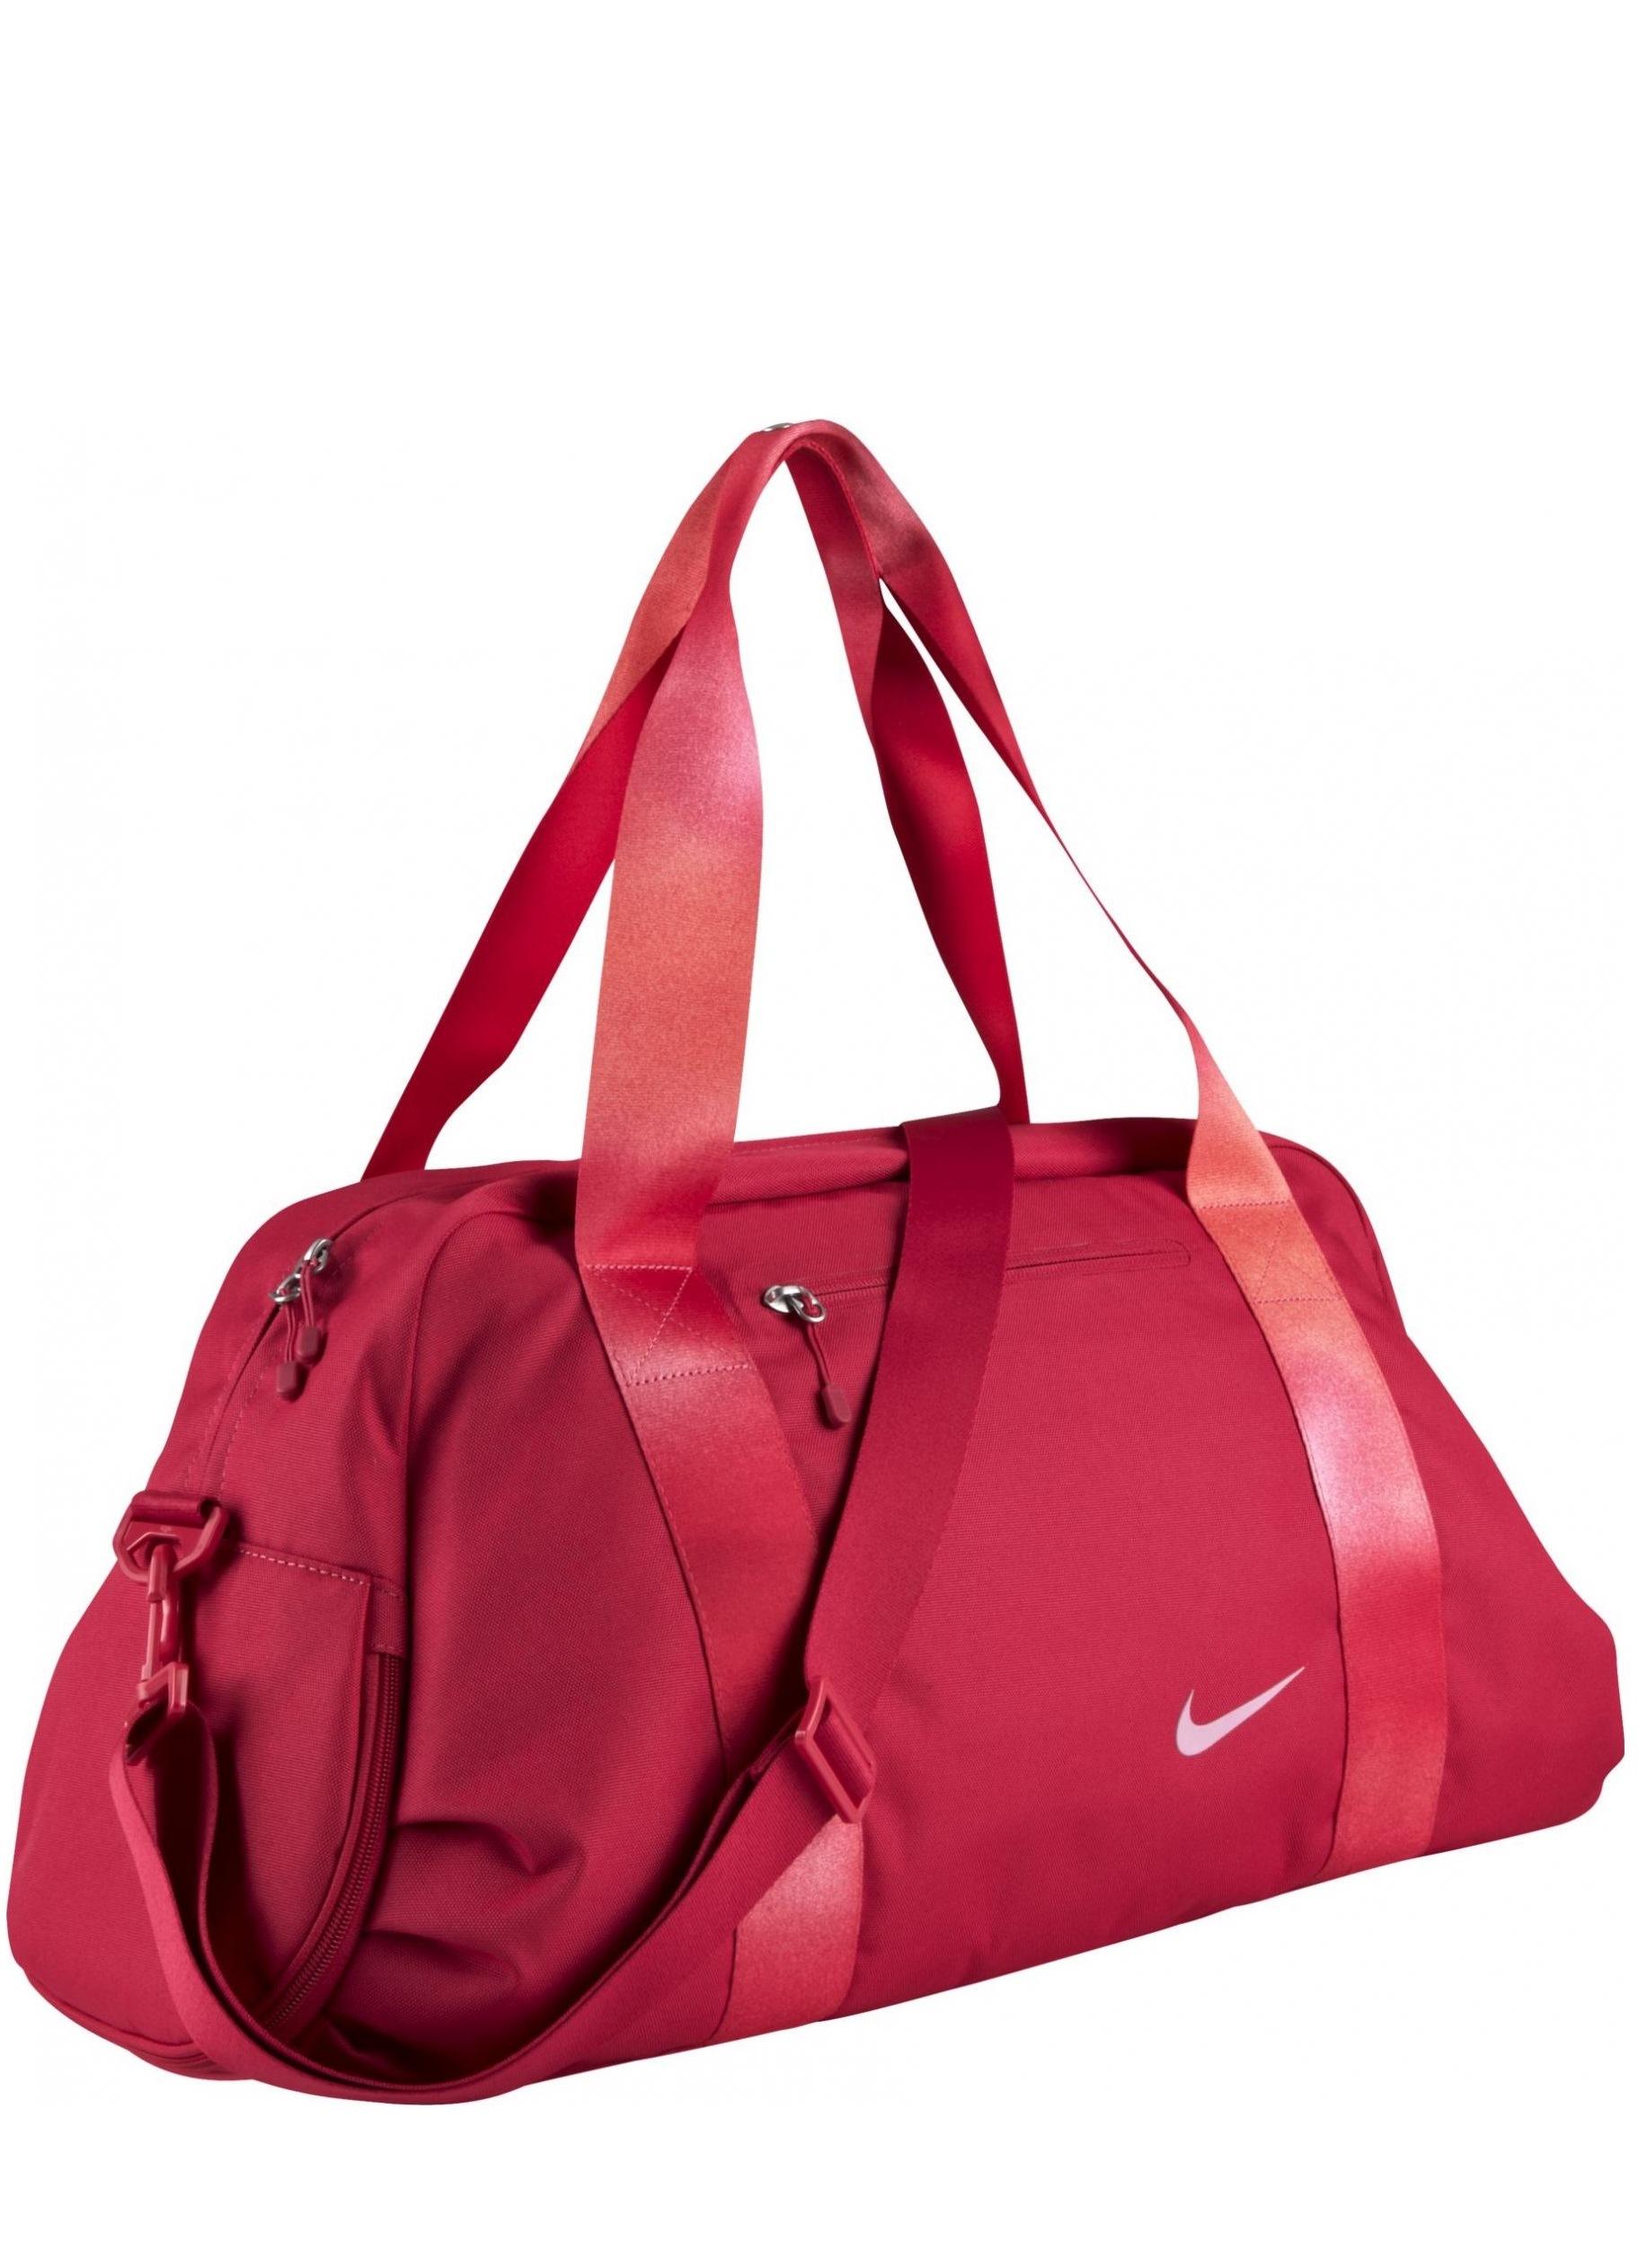 ee27a37c11cb женские спортивные сумки для фитнеса4 ...